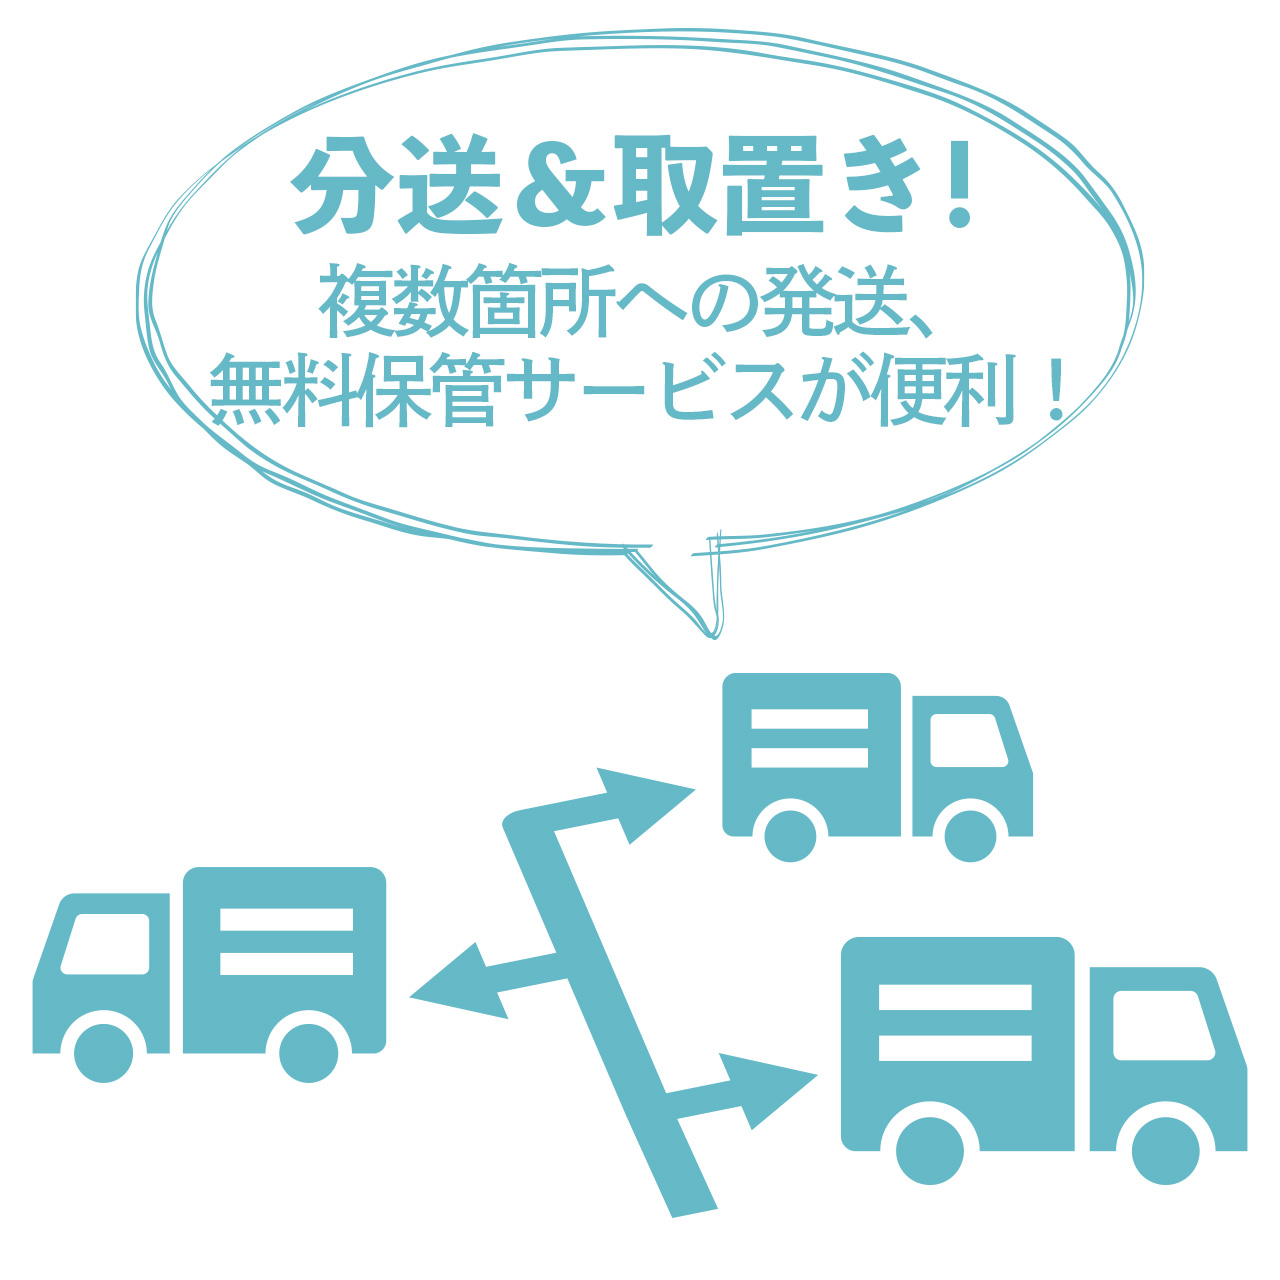 分送&取置き! 複数箇所への発送、 無料保管サービスが便利!